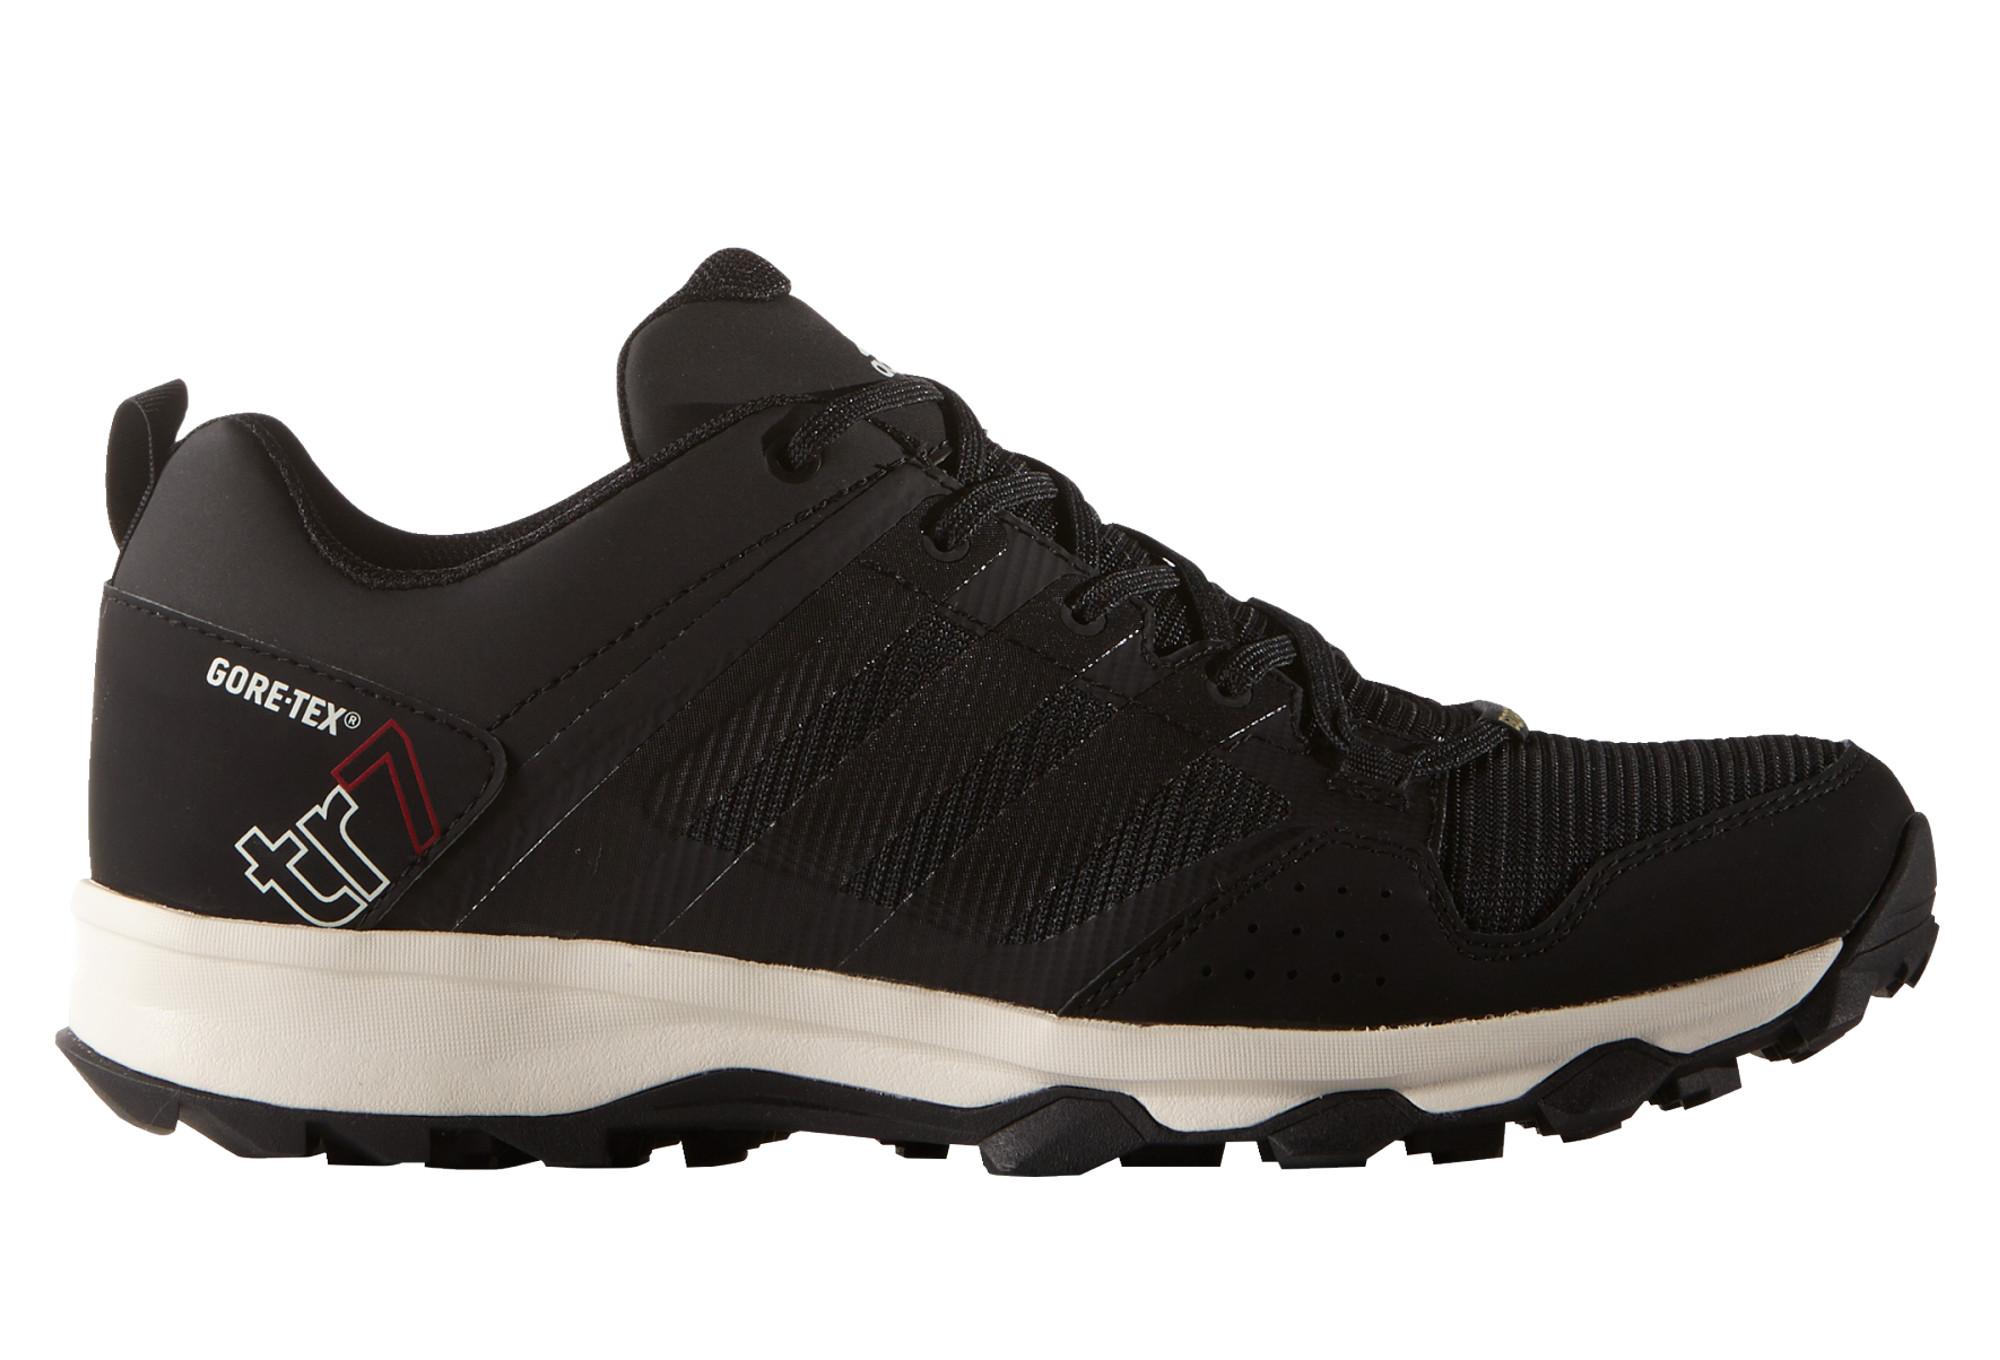 Chaussures de Trail adidas running Kanadia 7 Trail Gore Tex Noir